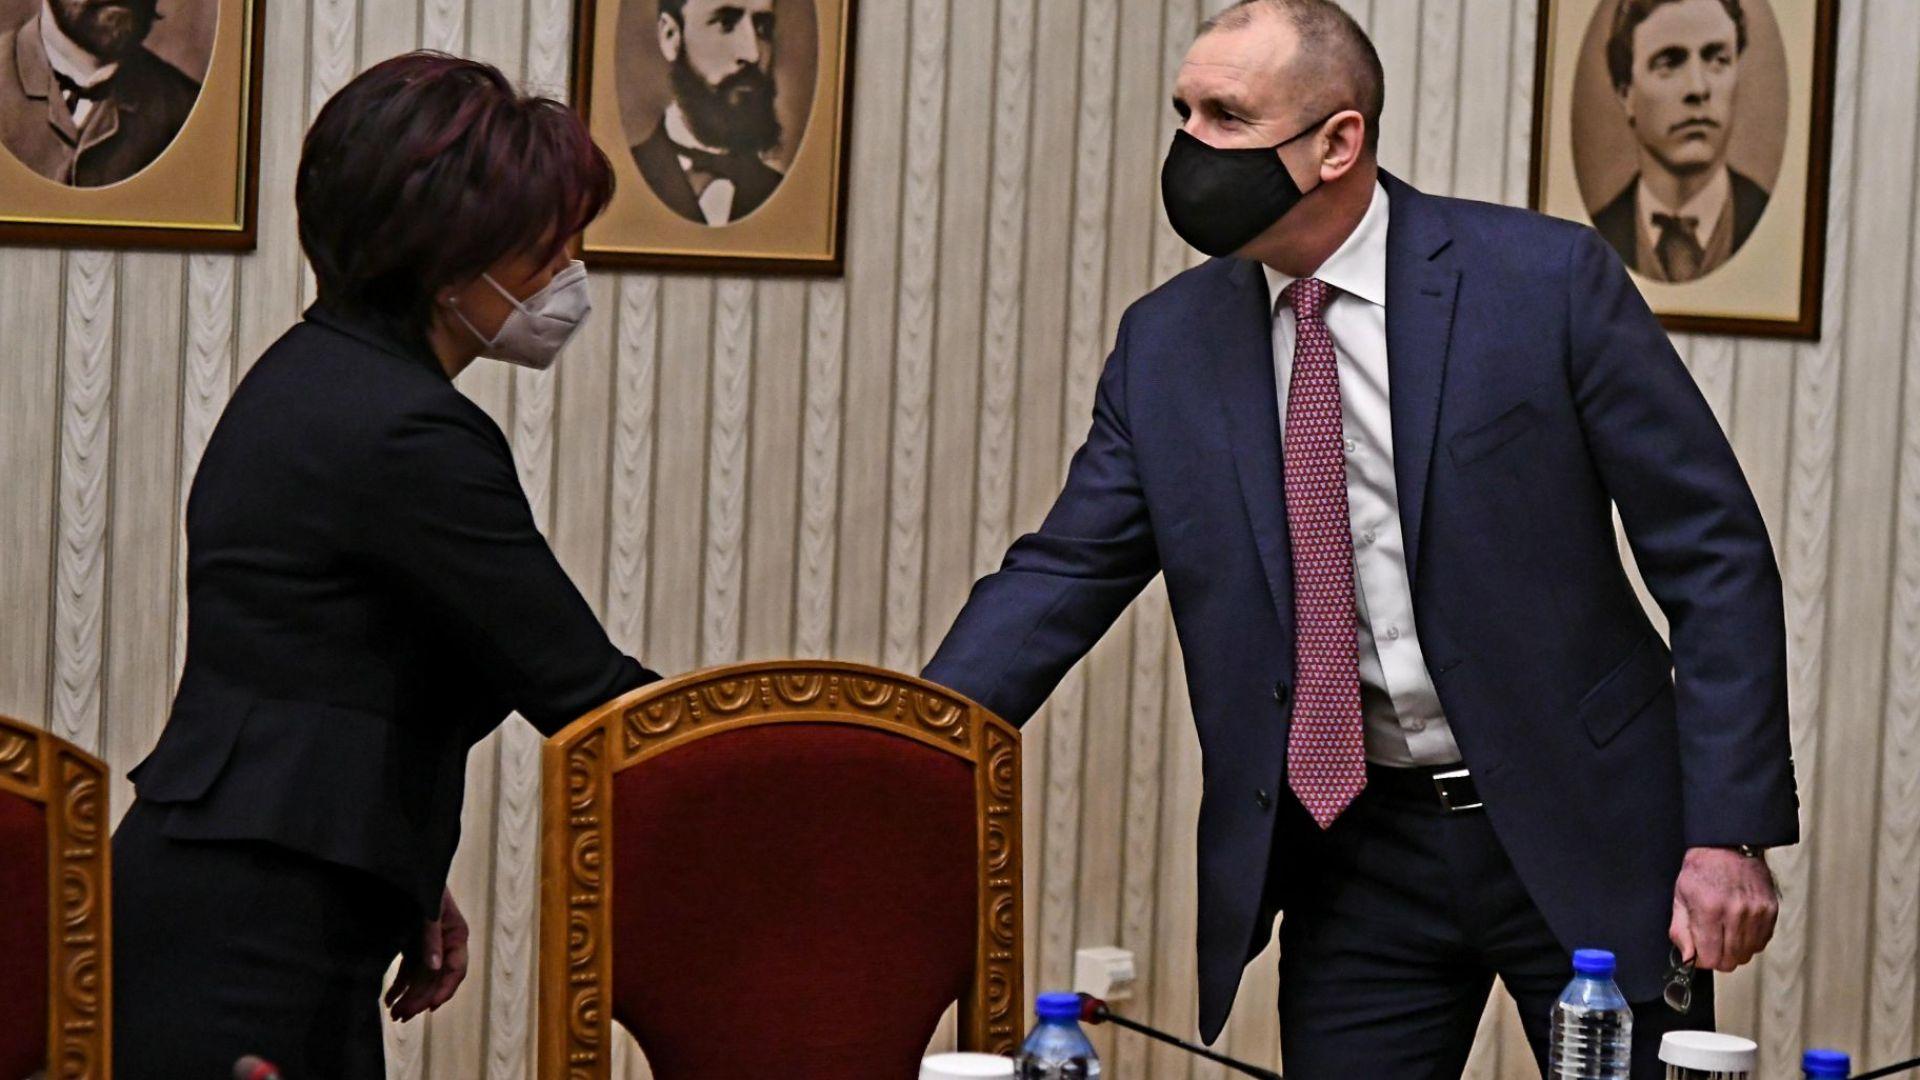 Цвета Караянчева: Президентът и екипът му показват абсолютна некомпетентност